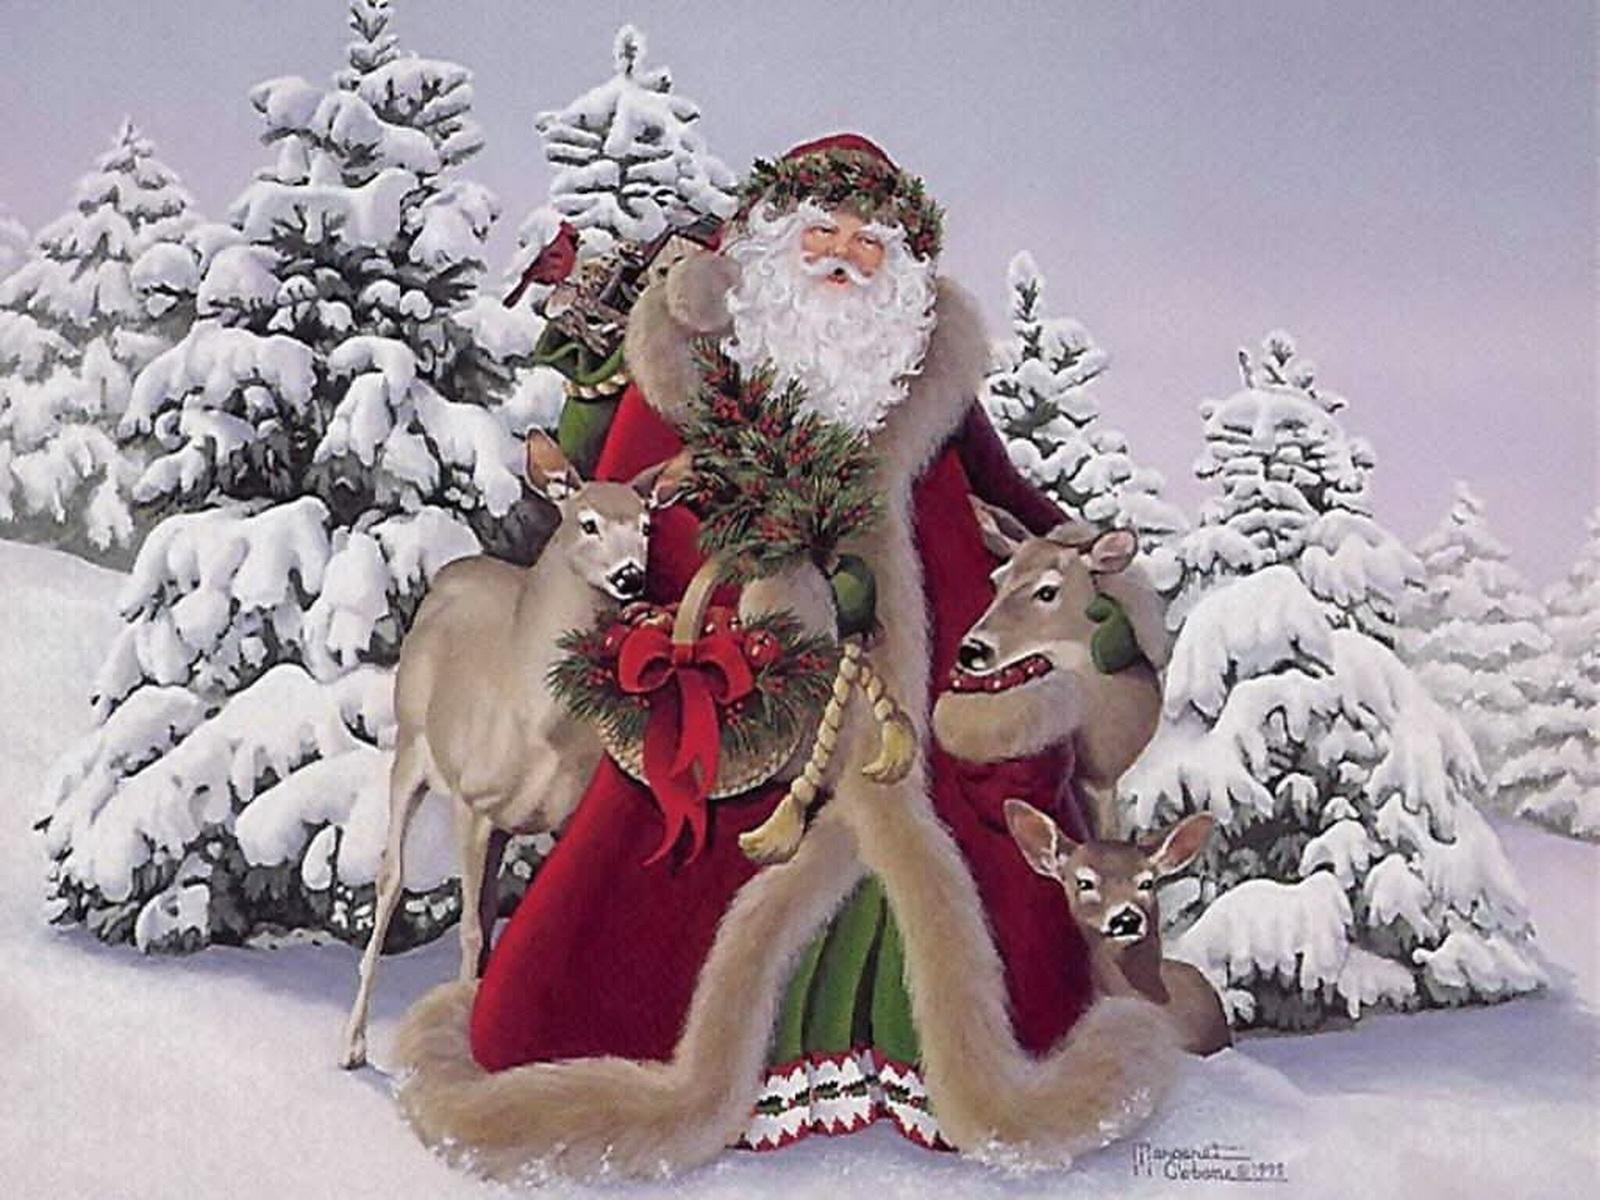 1672 скачать обои Праздники, Зима, Новый Год (New Year), Дед Мороз, Санта Клаус (Santa Claus), Рождество (Christmas, Xmas), Рисунки - заставки и картинки бесплатно